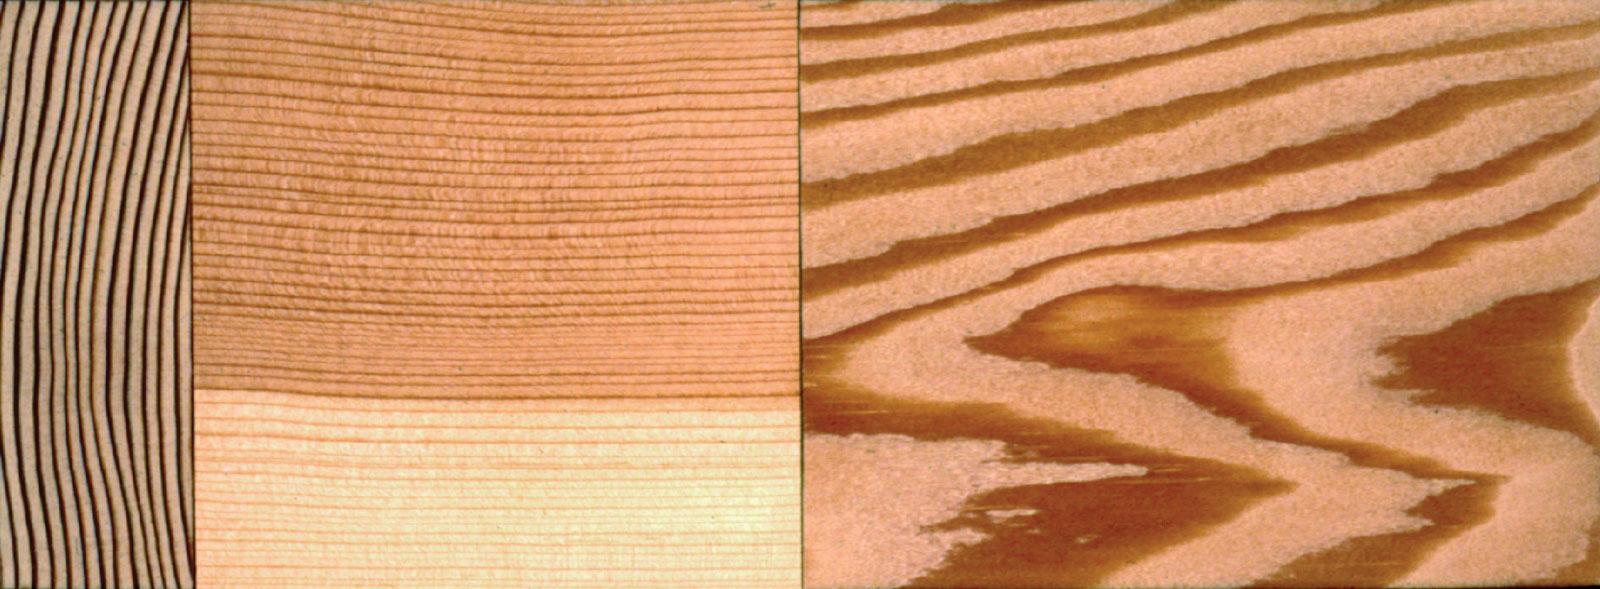 Fir Douglas It Grain How Cut Vertical